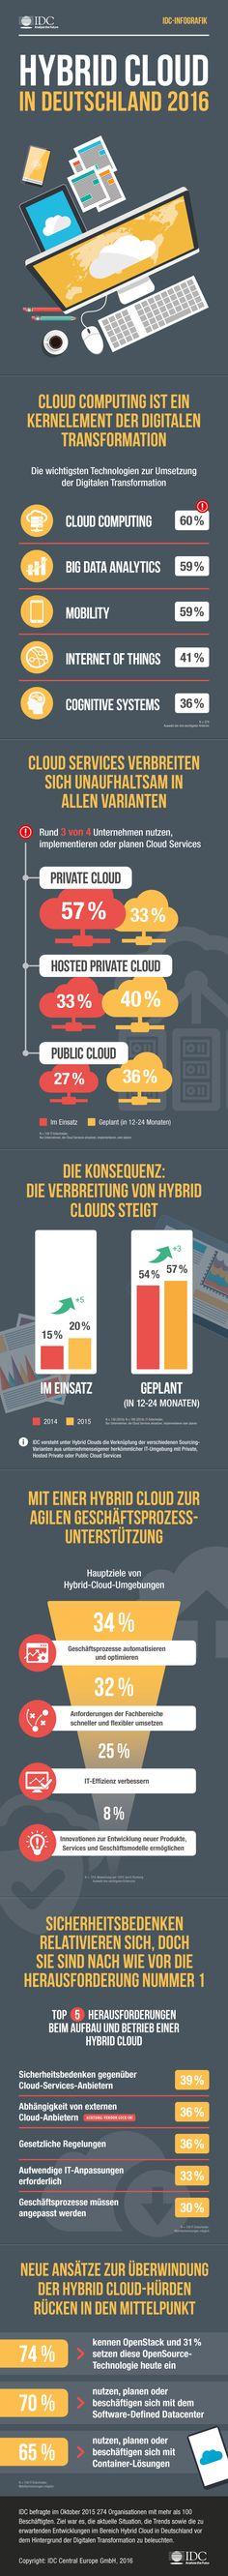 Cloud Computing in Deutschland: 3 von 4 Unternehmen nutzen oder planen Cloud-Dienste